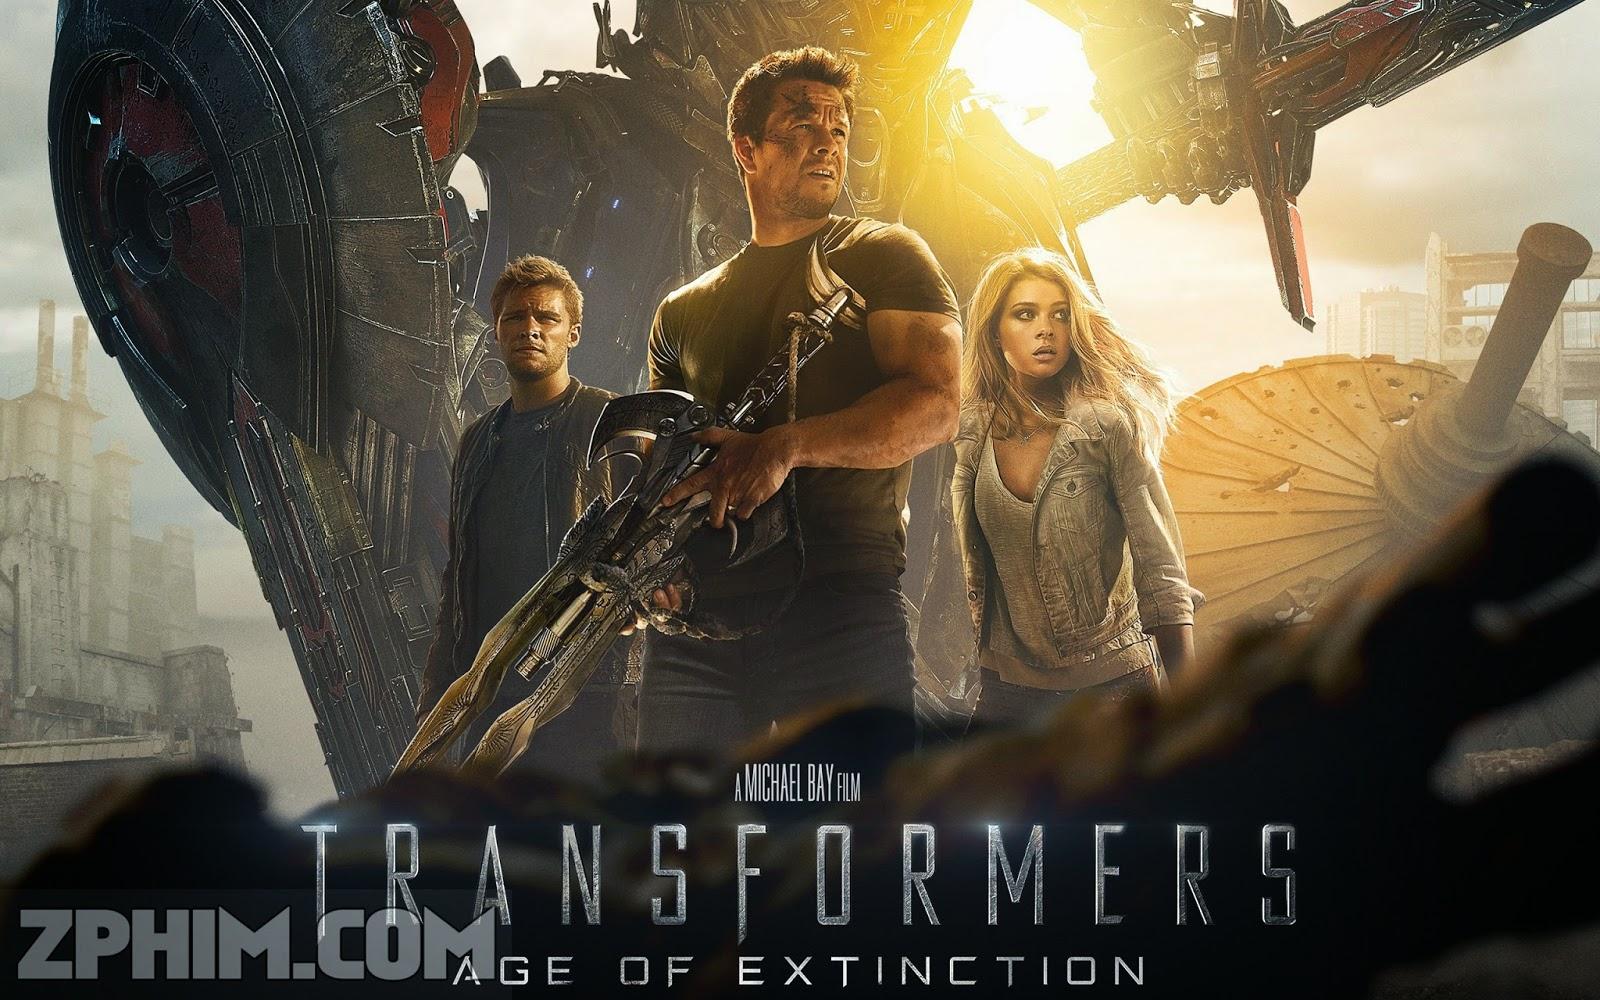 Ảnh trong phim Robot Đại Chiến 4: Kỷ Nguyên Hủy Diệt - Transformers 4: Age of Extinction 1